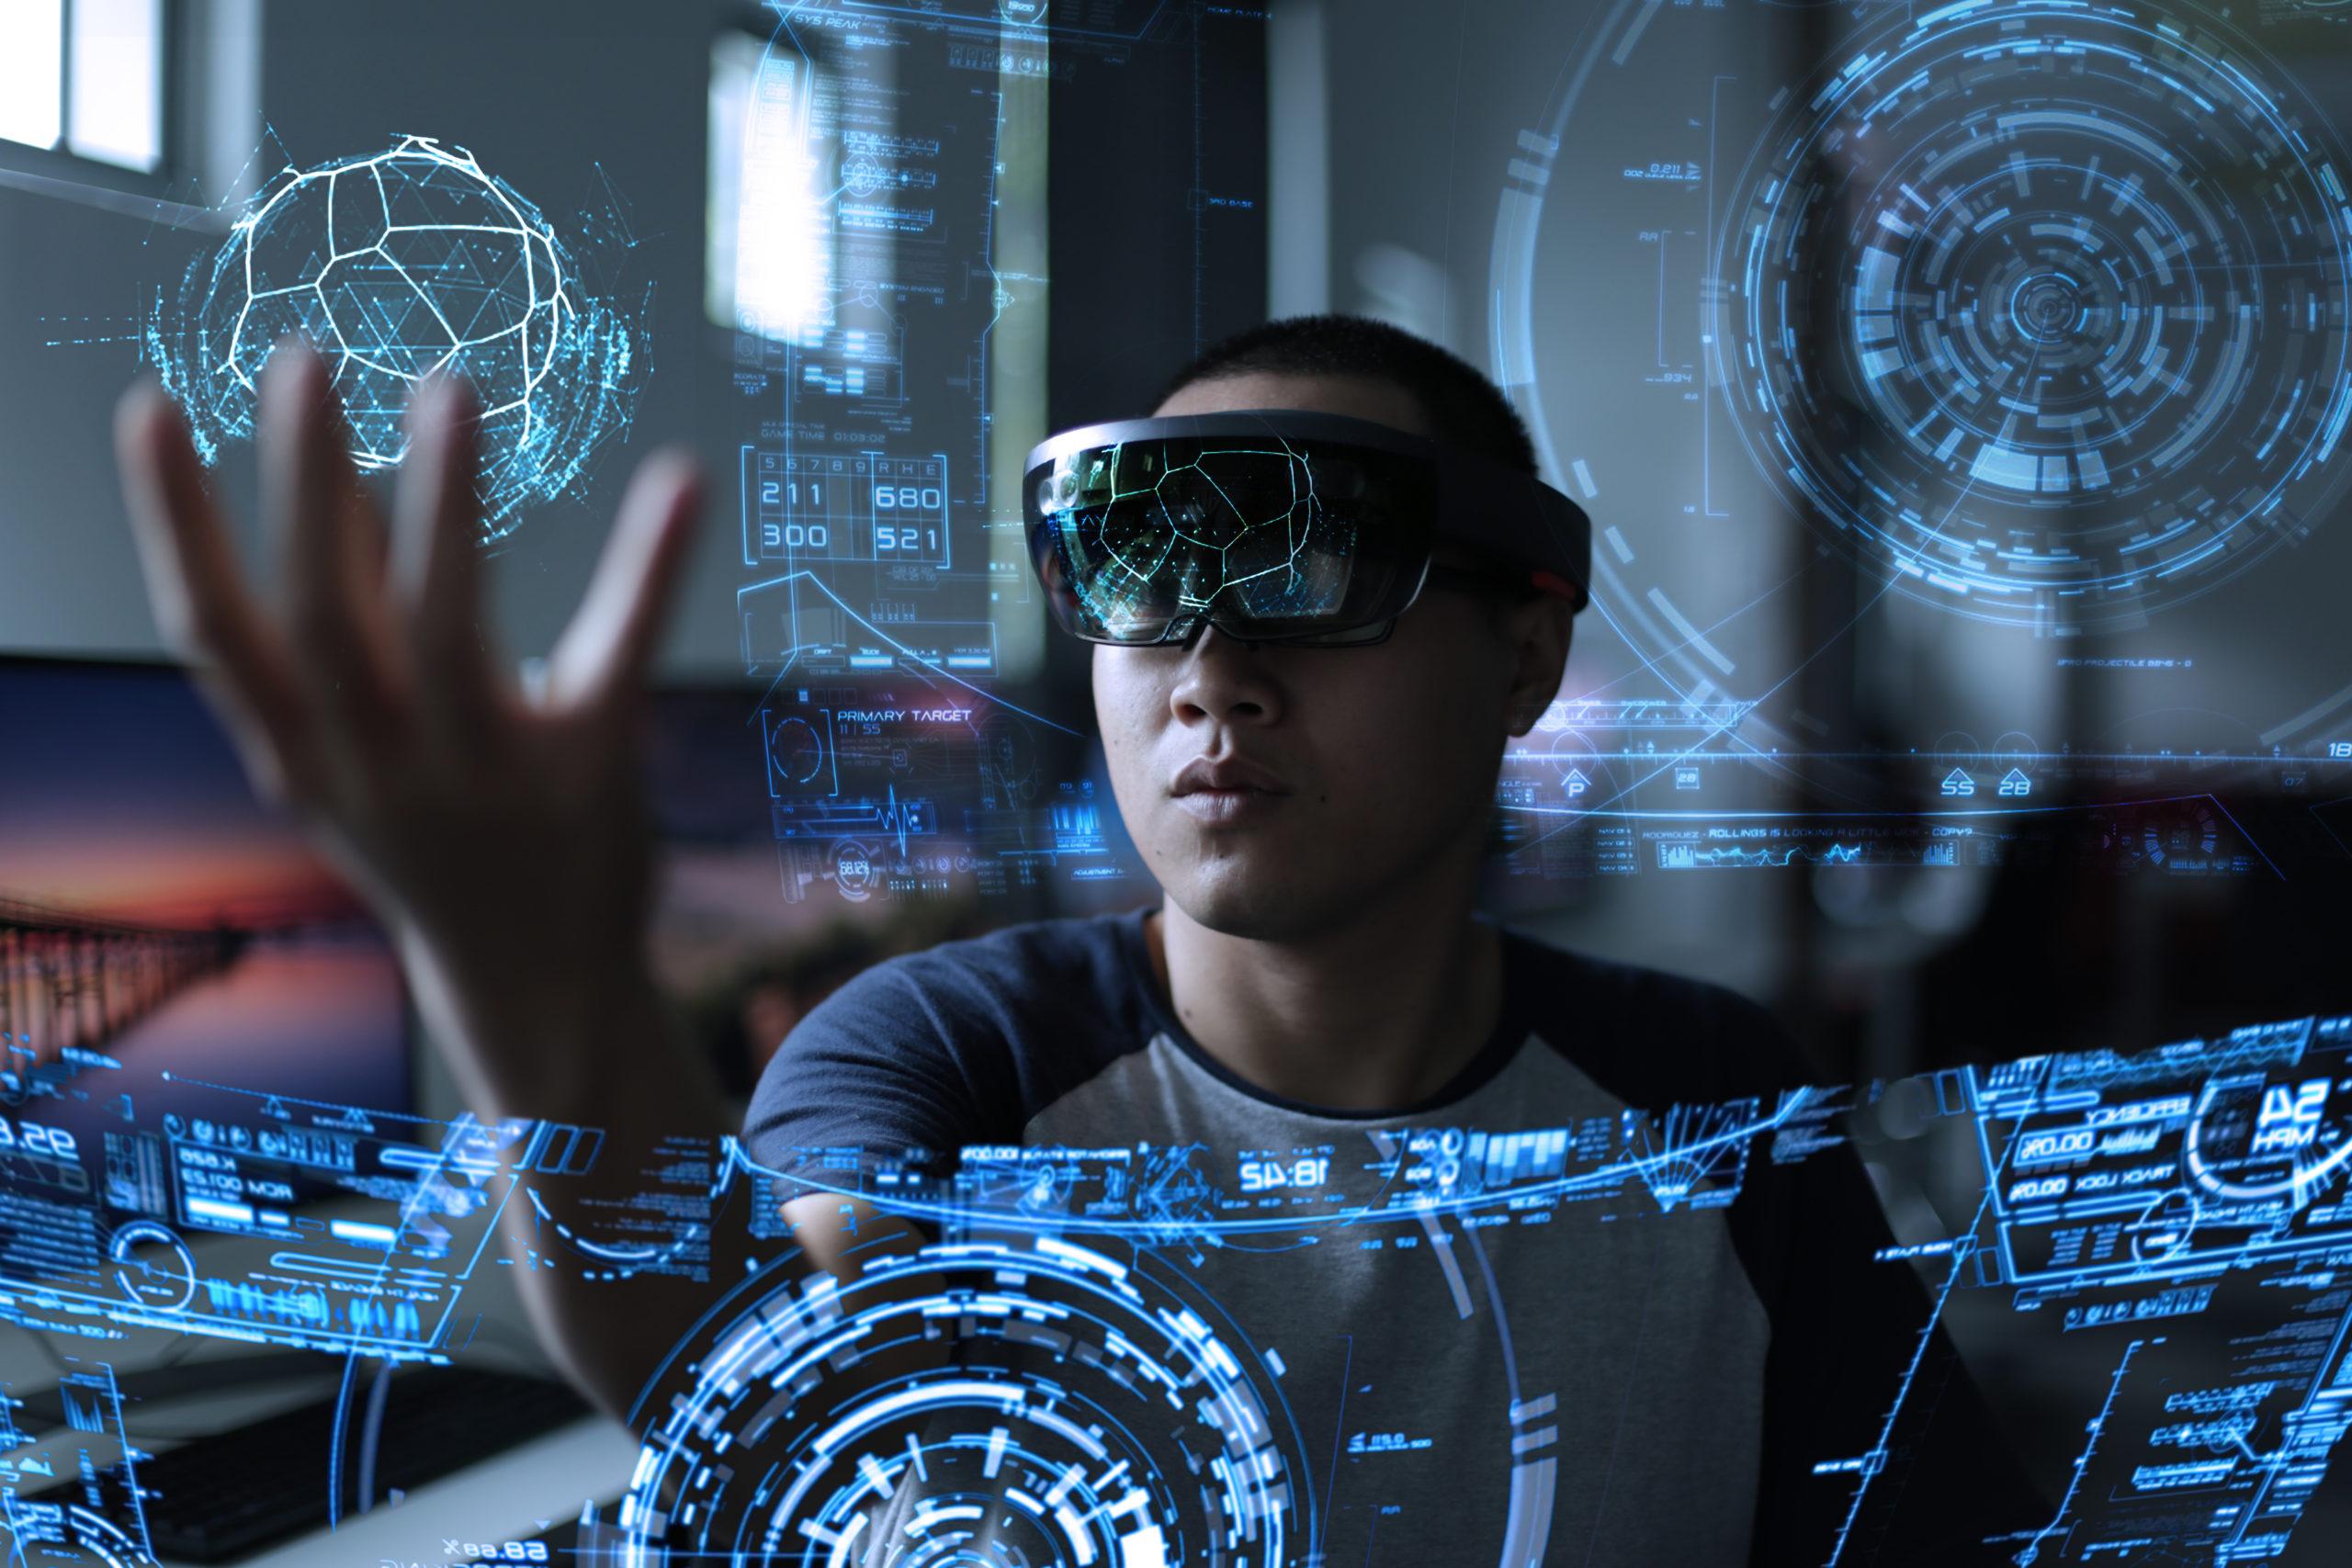 教室成本降低70%,大朋VR如何深耕VR教育市场?